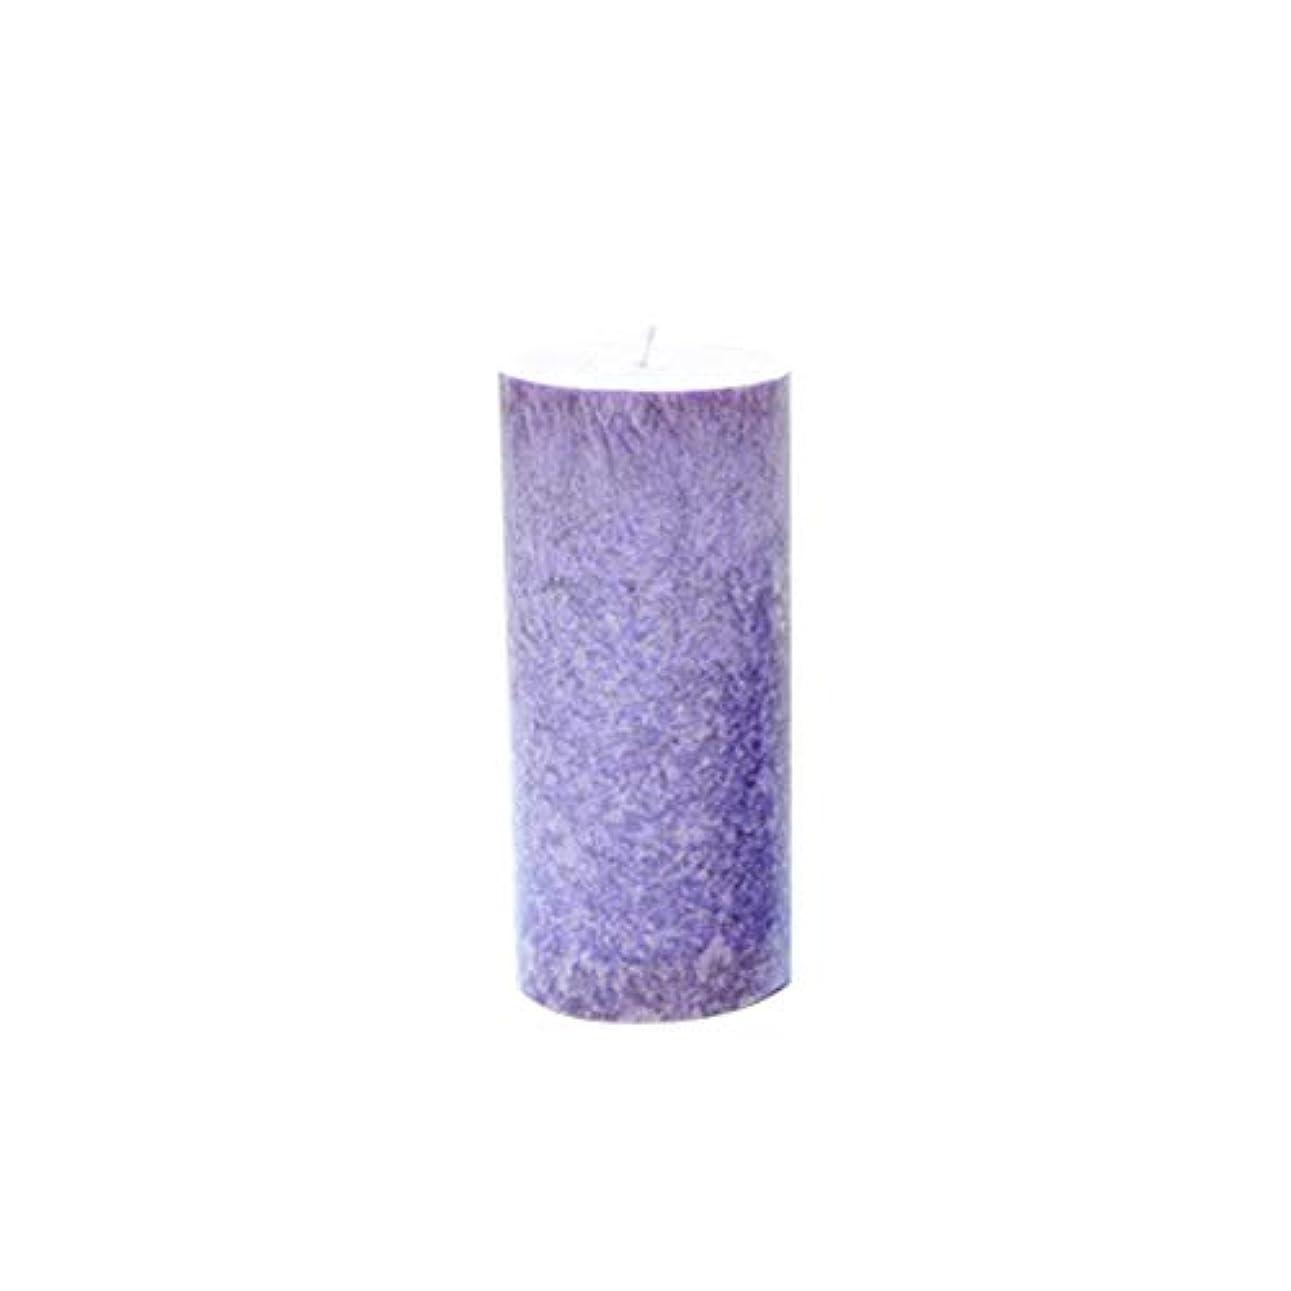 もし役に立つ人工的なRakuby 香料入り 蝋燭 ロマンチック 紫色 ラベンダー アロマ療法 柱 蝋燭 祝祭 結婚祝い 無煙蝋燭